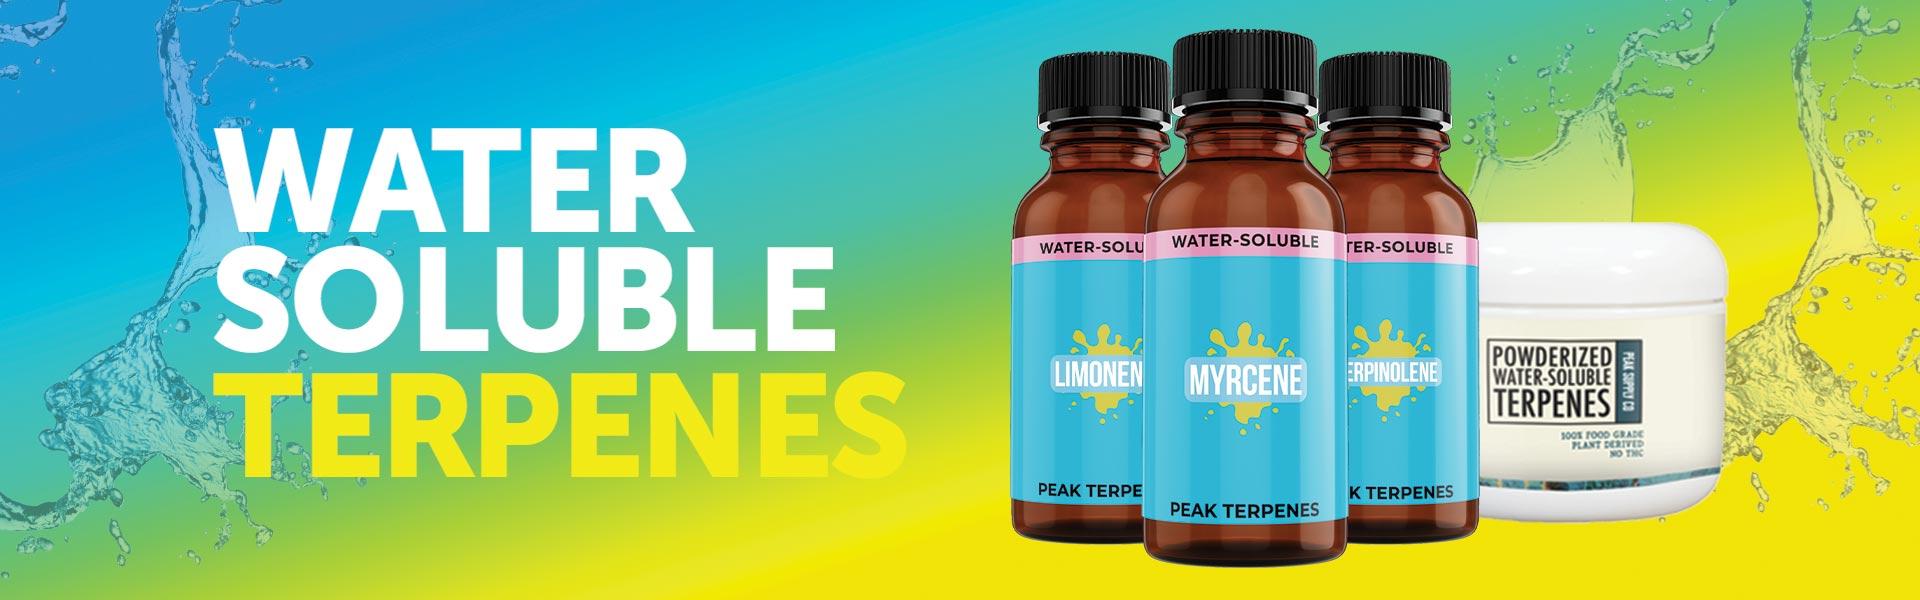 Water Soluble Terpenes